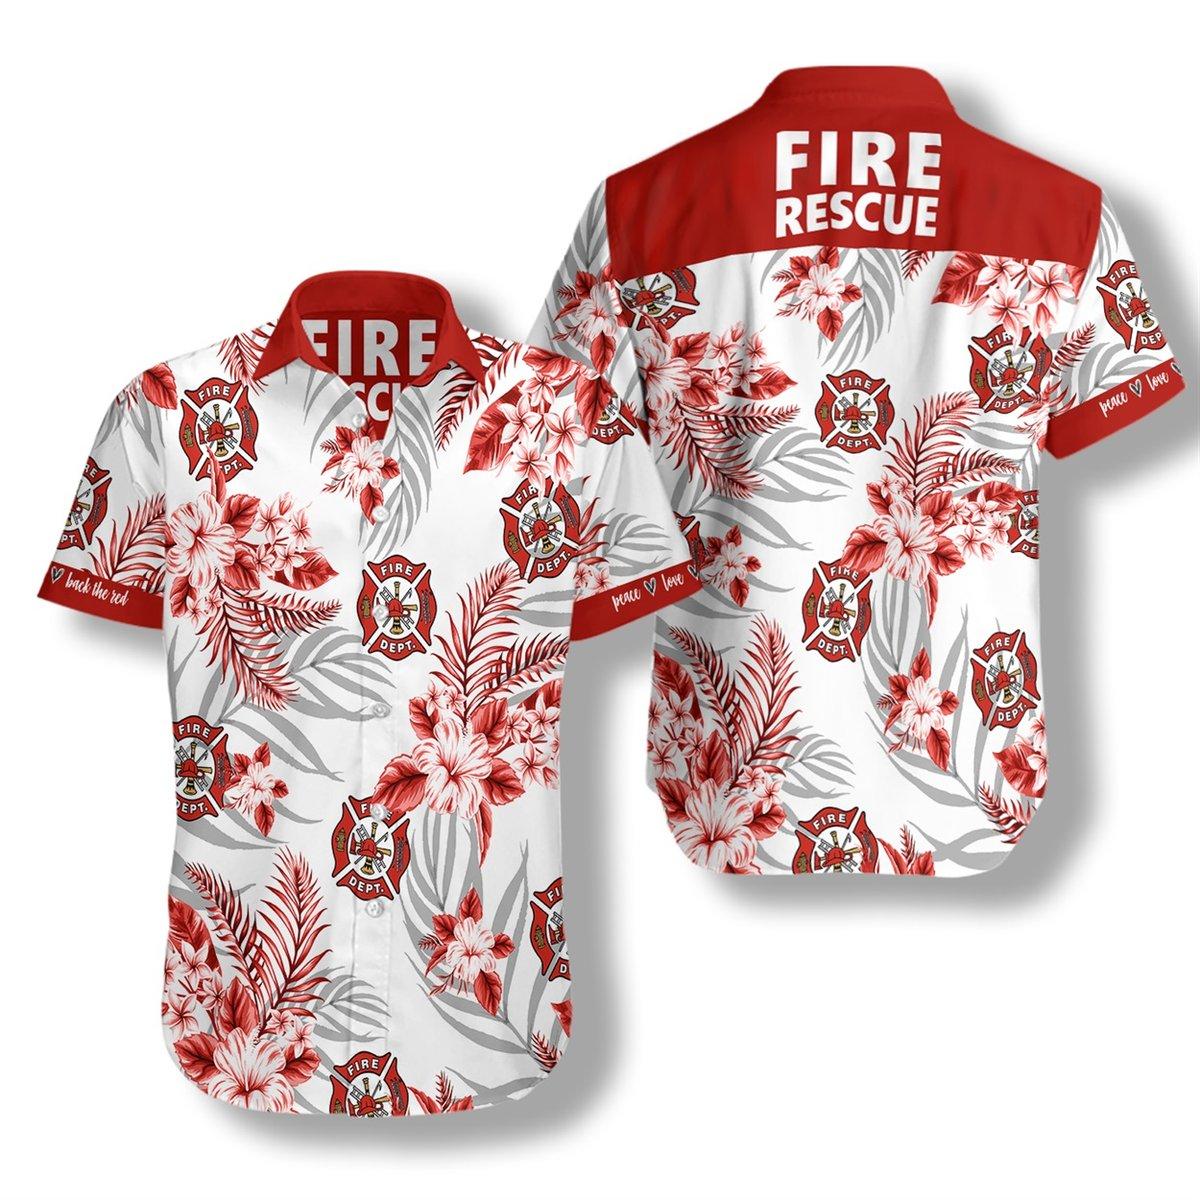 Firefighter Fire Rescue Hawaiian Shirt2